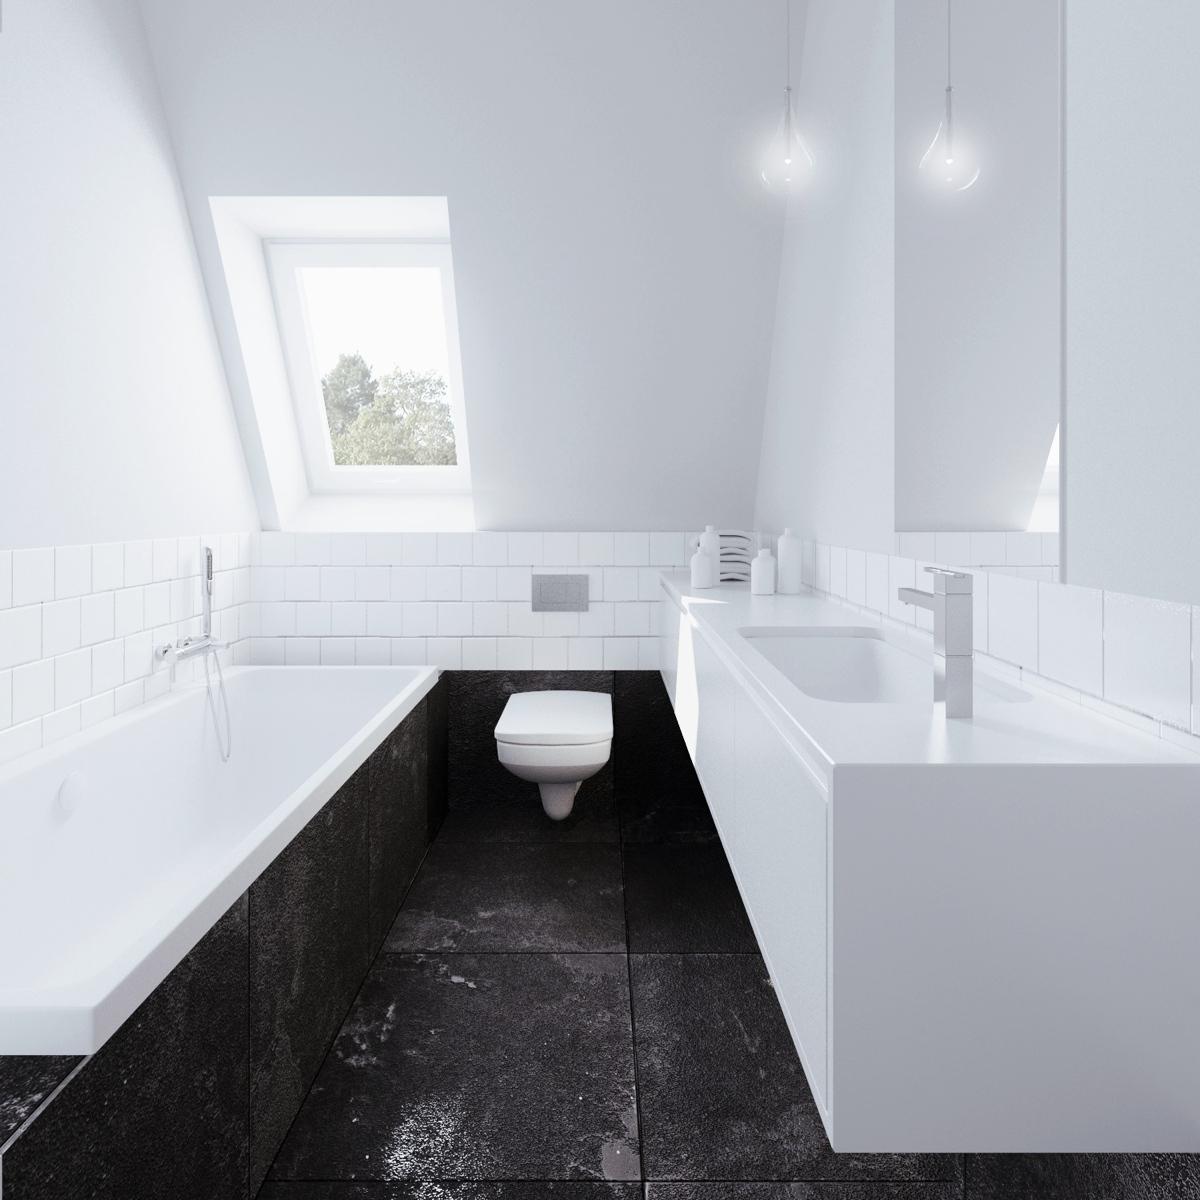 Wedo thiết kế nội thất phòng tắm thông minh cho căn hộ nhỏ tầng áp mái